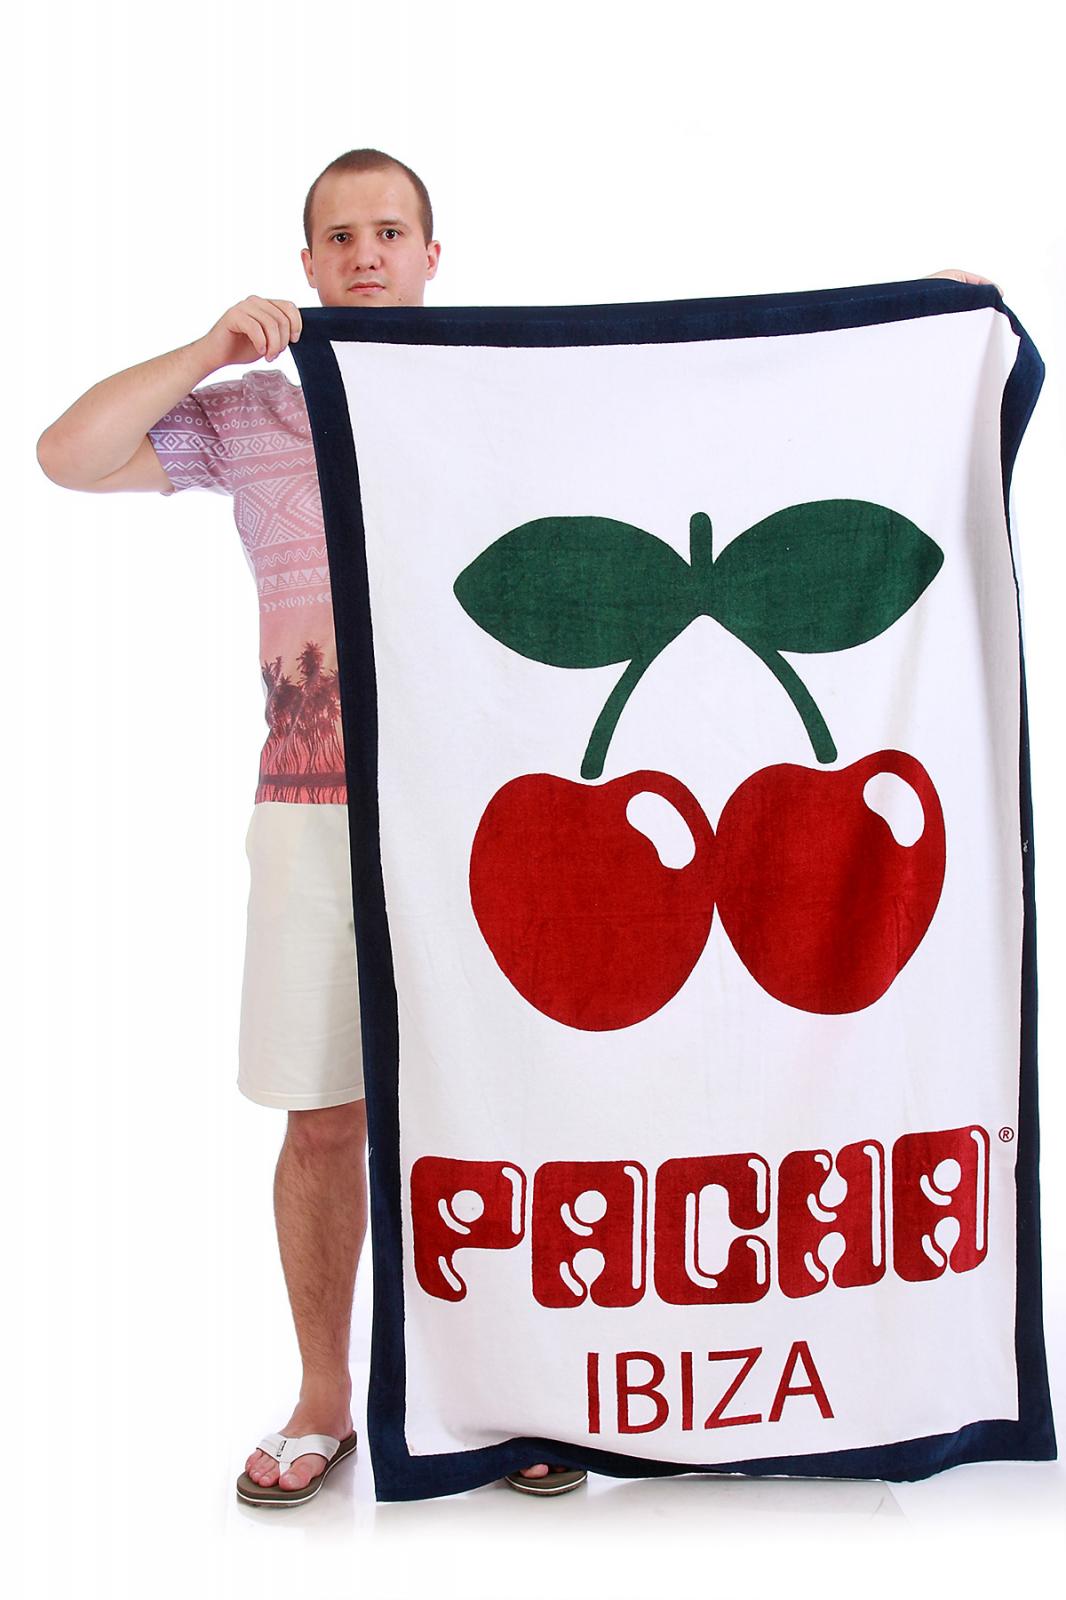 Пляжное полотенце Pacha Ibiza 3 в 1: покрывало, плед, подстилка.